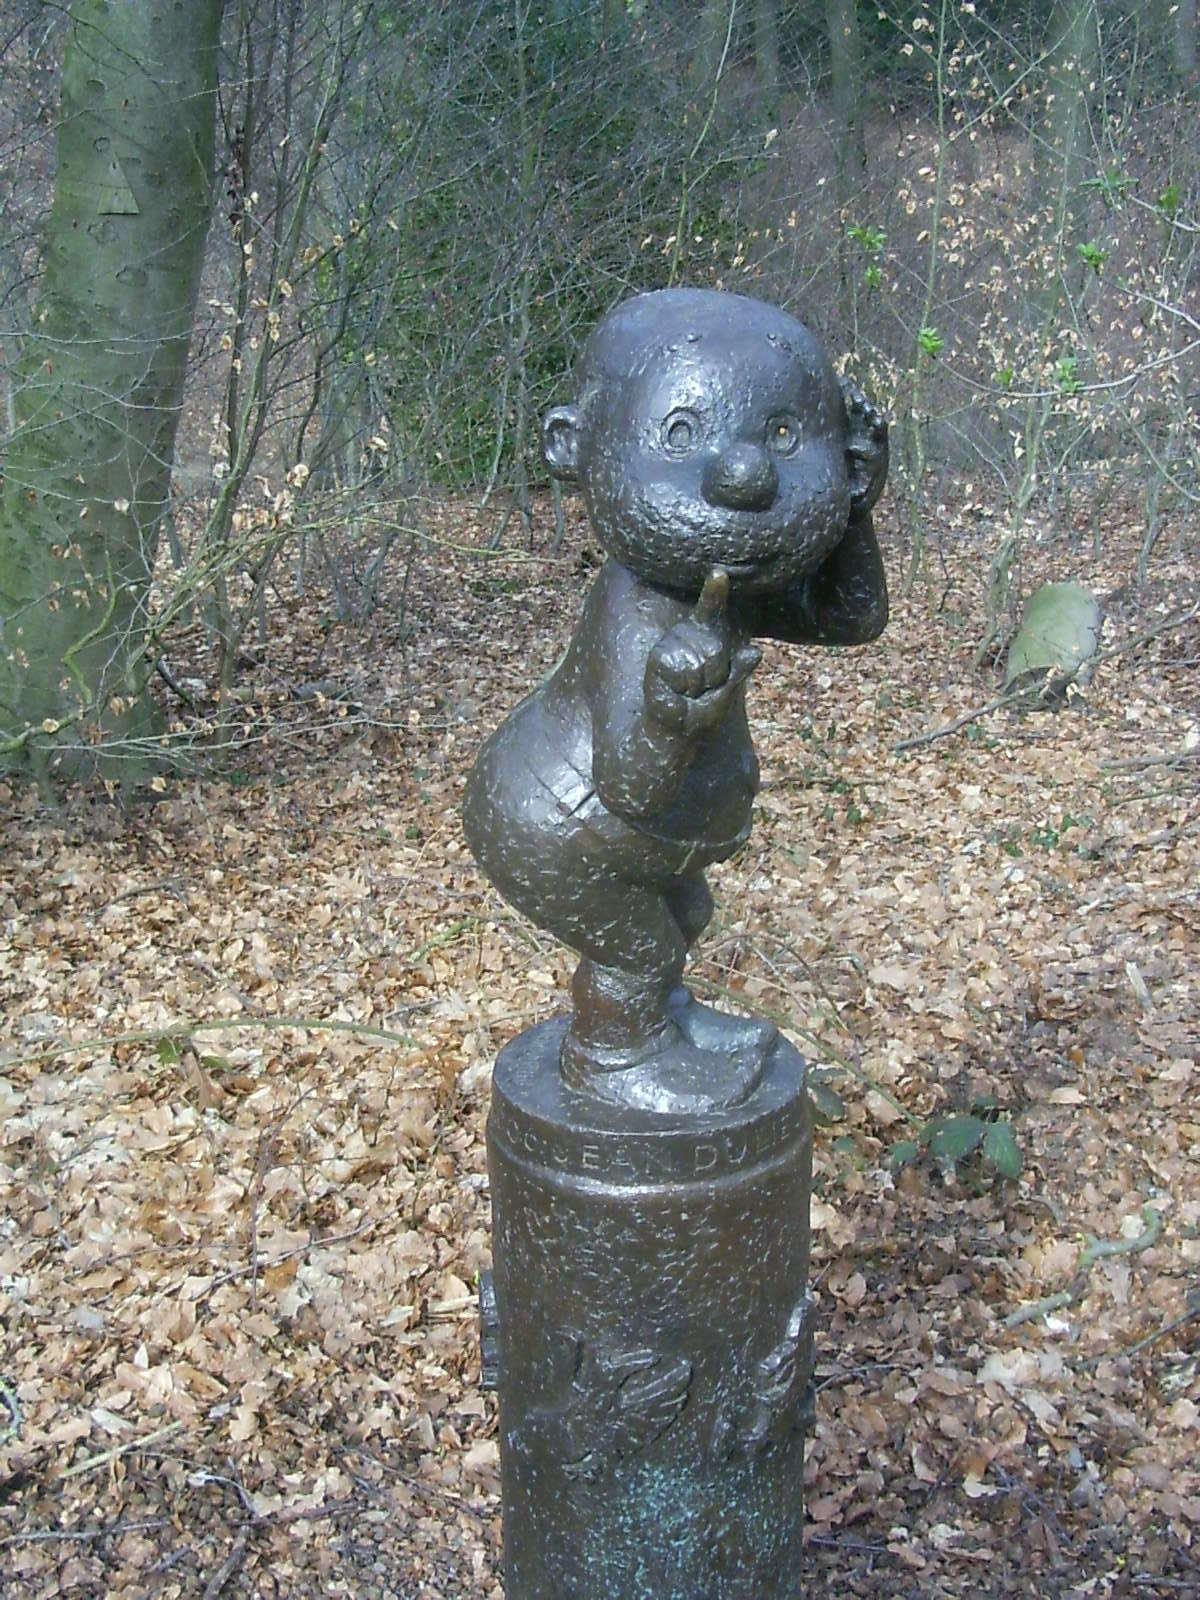 paulus de boskabouter - wikipedia